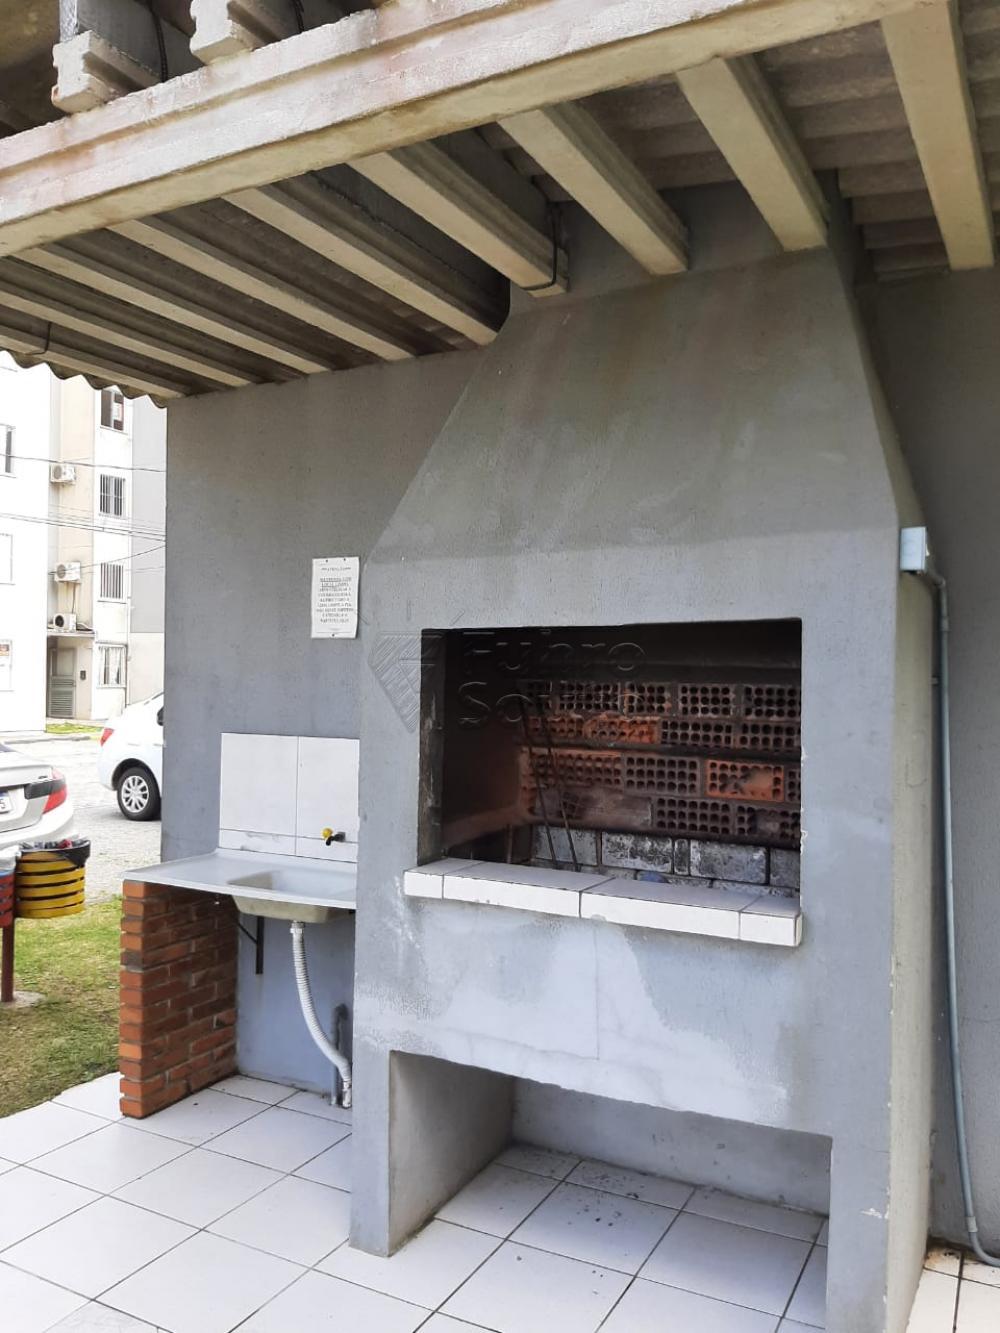 Comprar Apartamento / Padrão em Pelotas R$ 138.000,00 - Foto 5